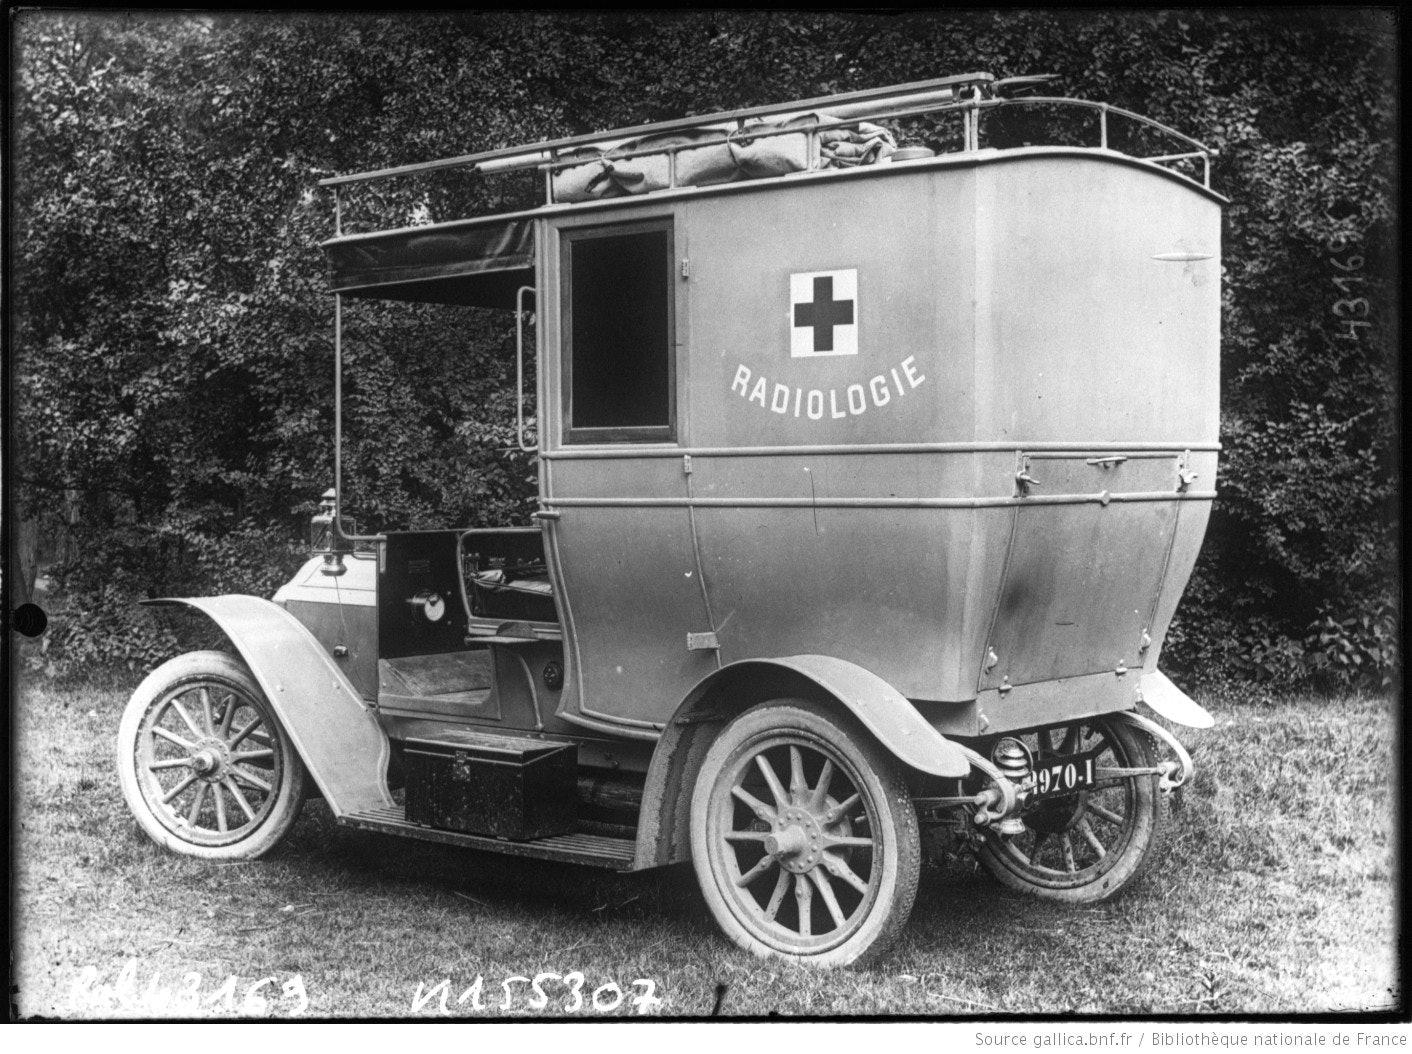 Marie Curie mobile unit